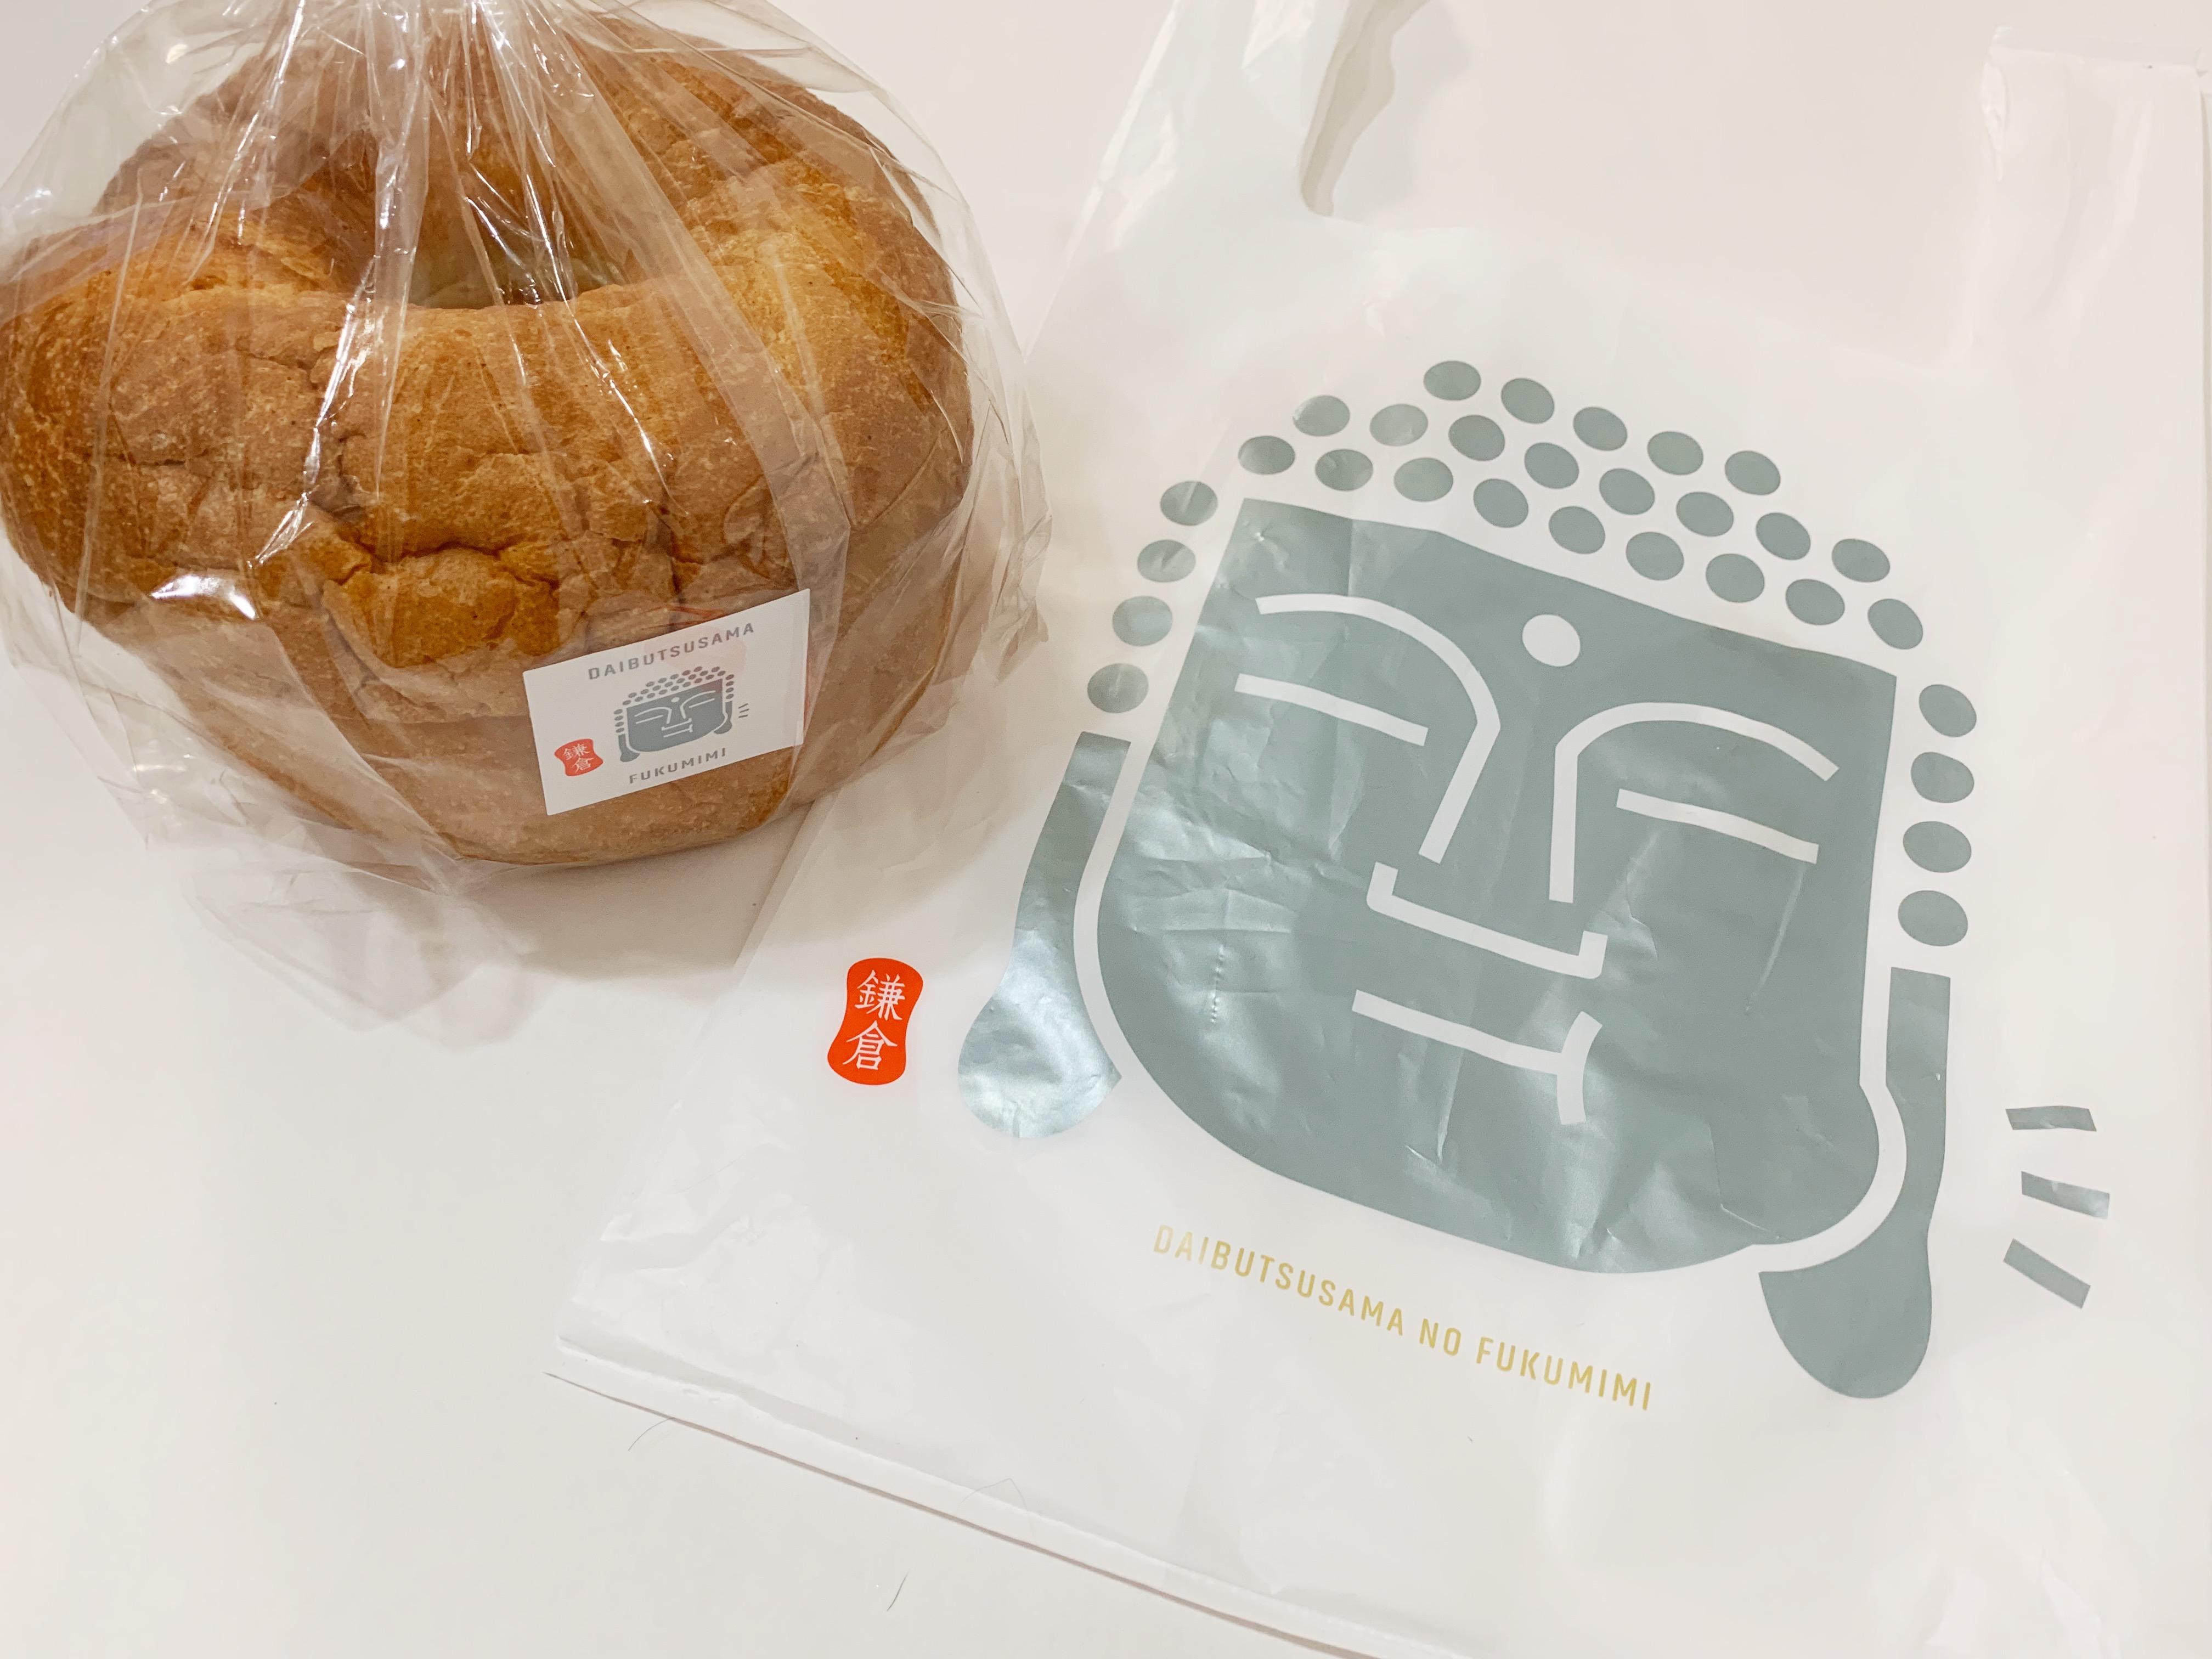 インパクト大!高級生食パン「大仏さまの福みみ食パン」って知ってる?